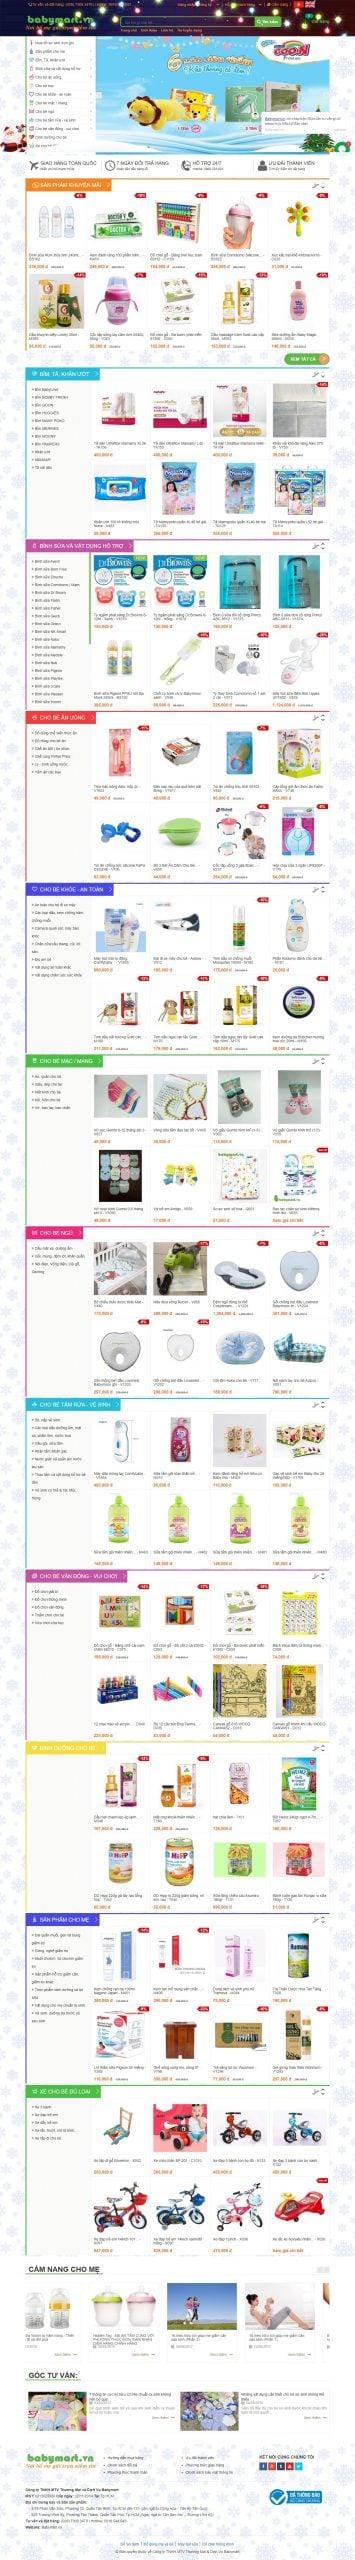 Mẫu thiết kế website bán hàng -babymart.vn Đồ dùng cho mẹ và bé – Đồ sơ sinh – Đồ chơi trẻ em – Máy hút sữa